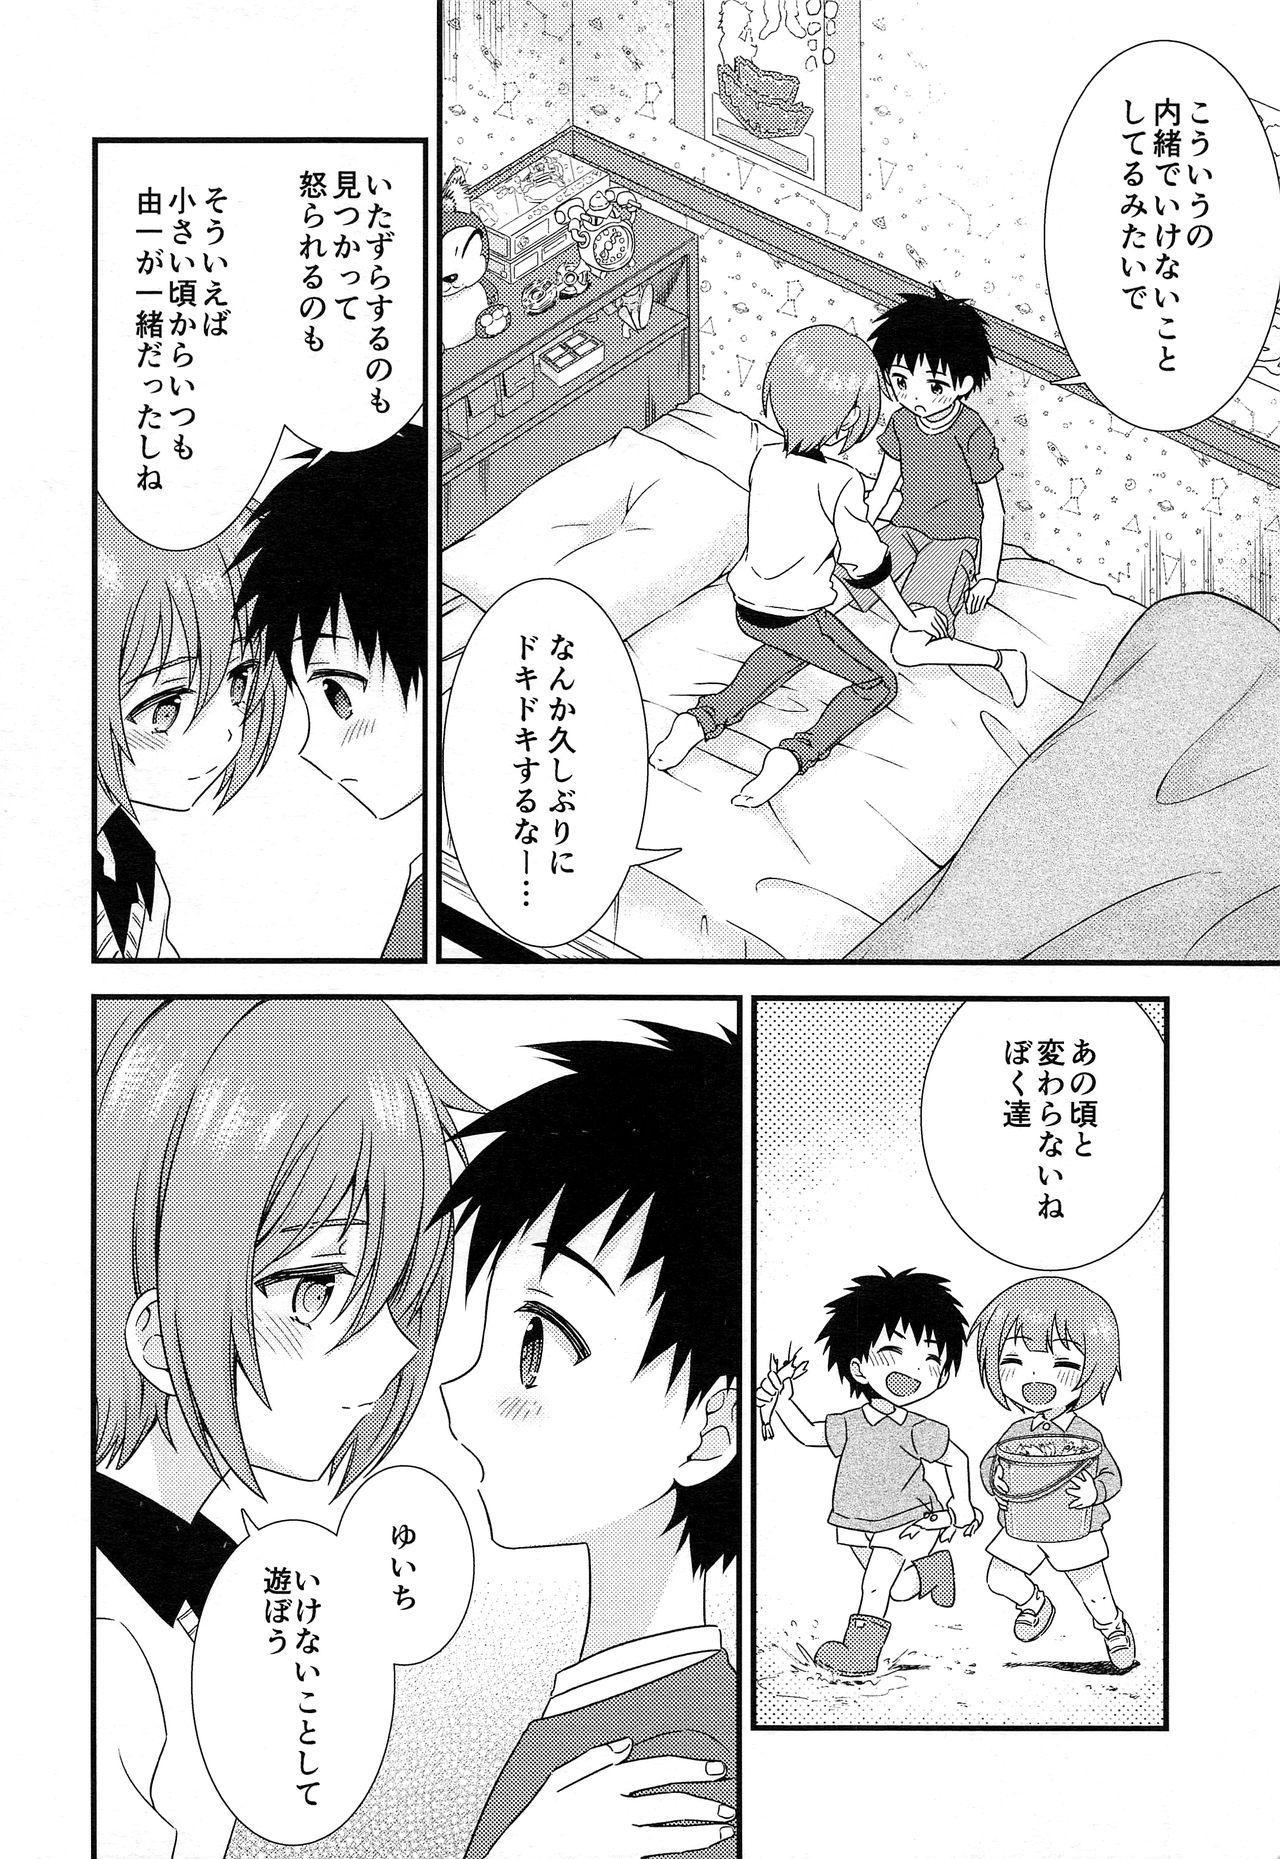 Yuujou no Hate ni Kimi to Sex shita 8